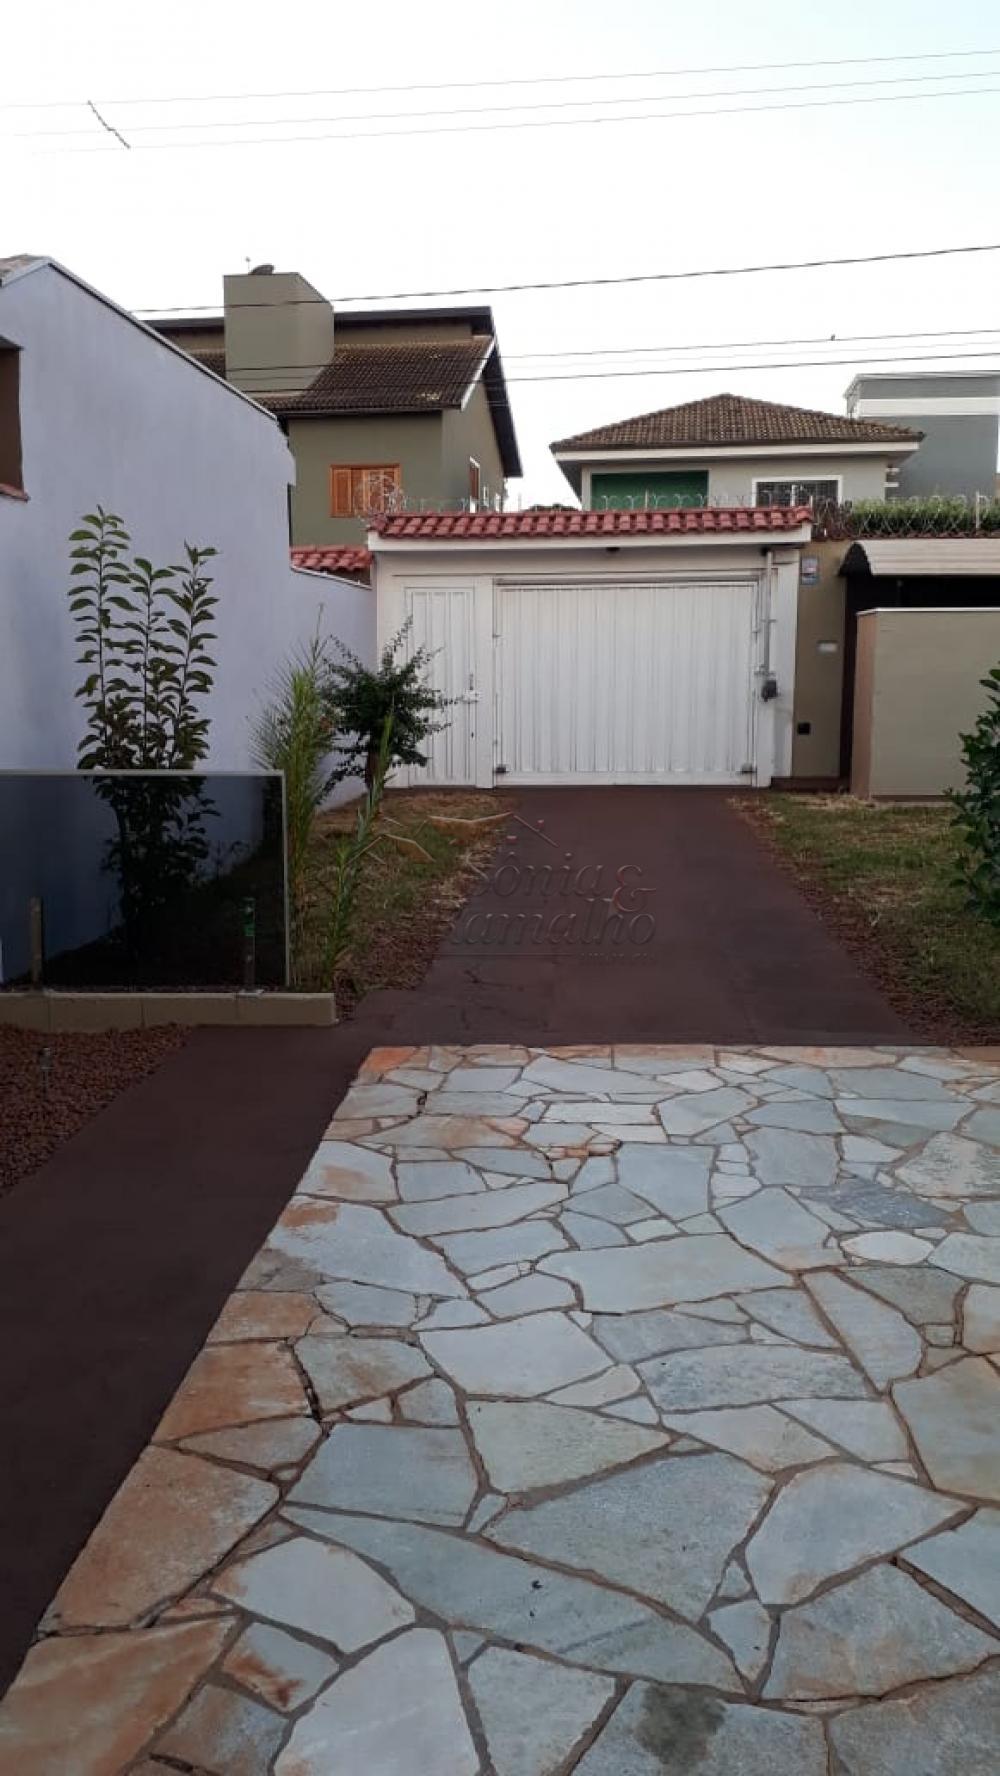 Comprar Casas / Padrão em Ribeirão Preto apenas R$ 404.000,00 - Foto 5